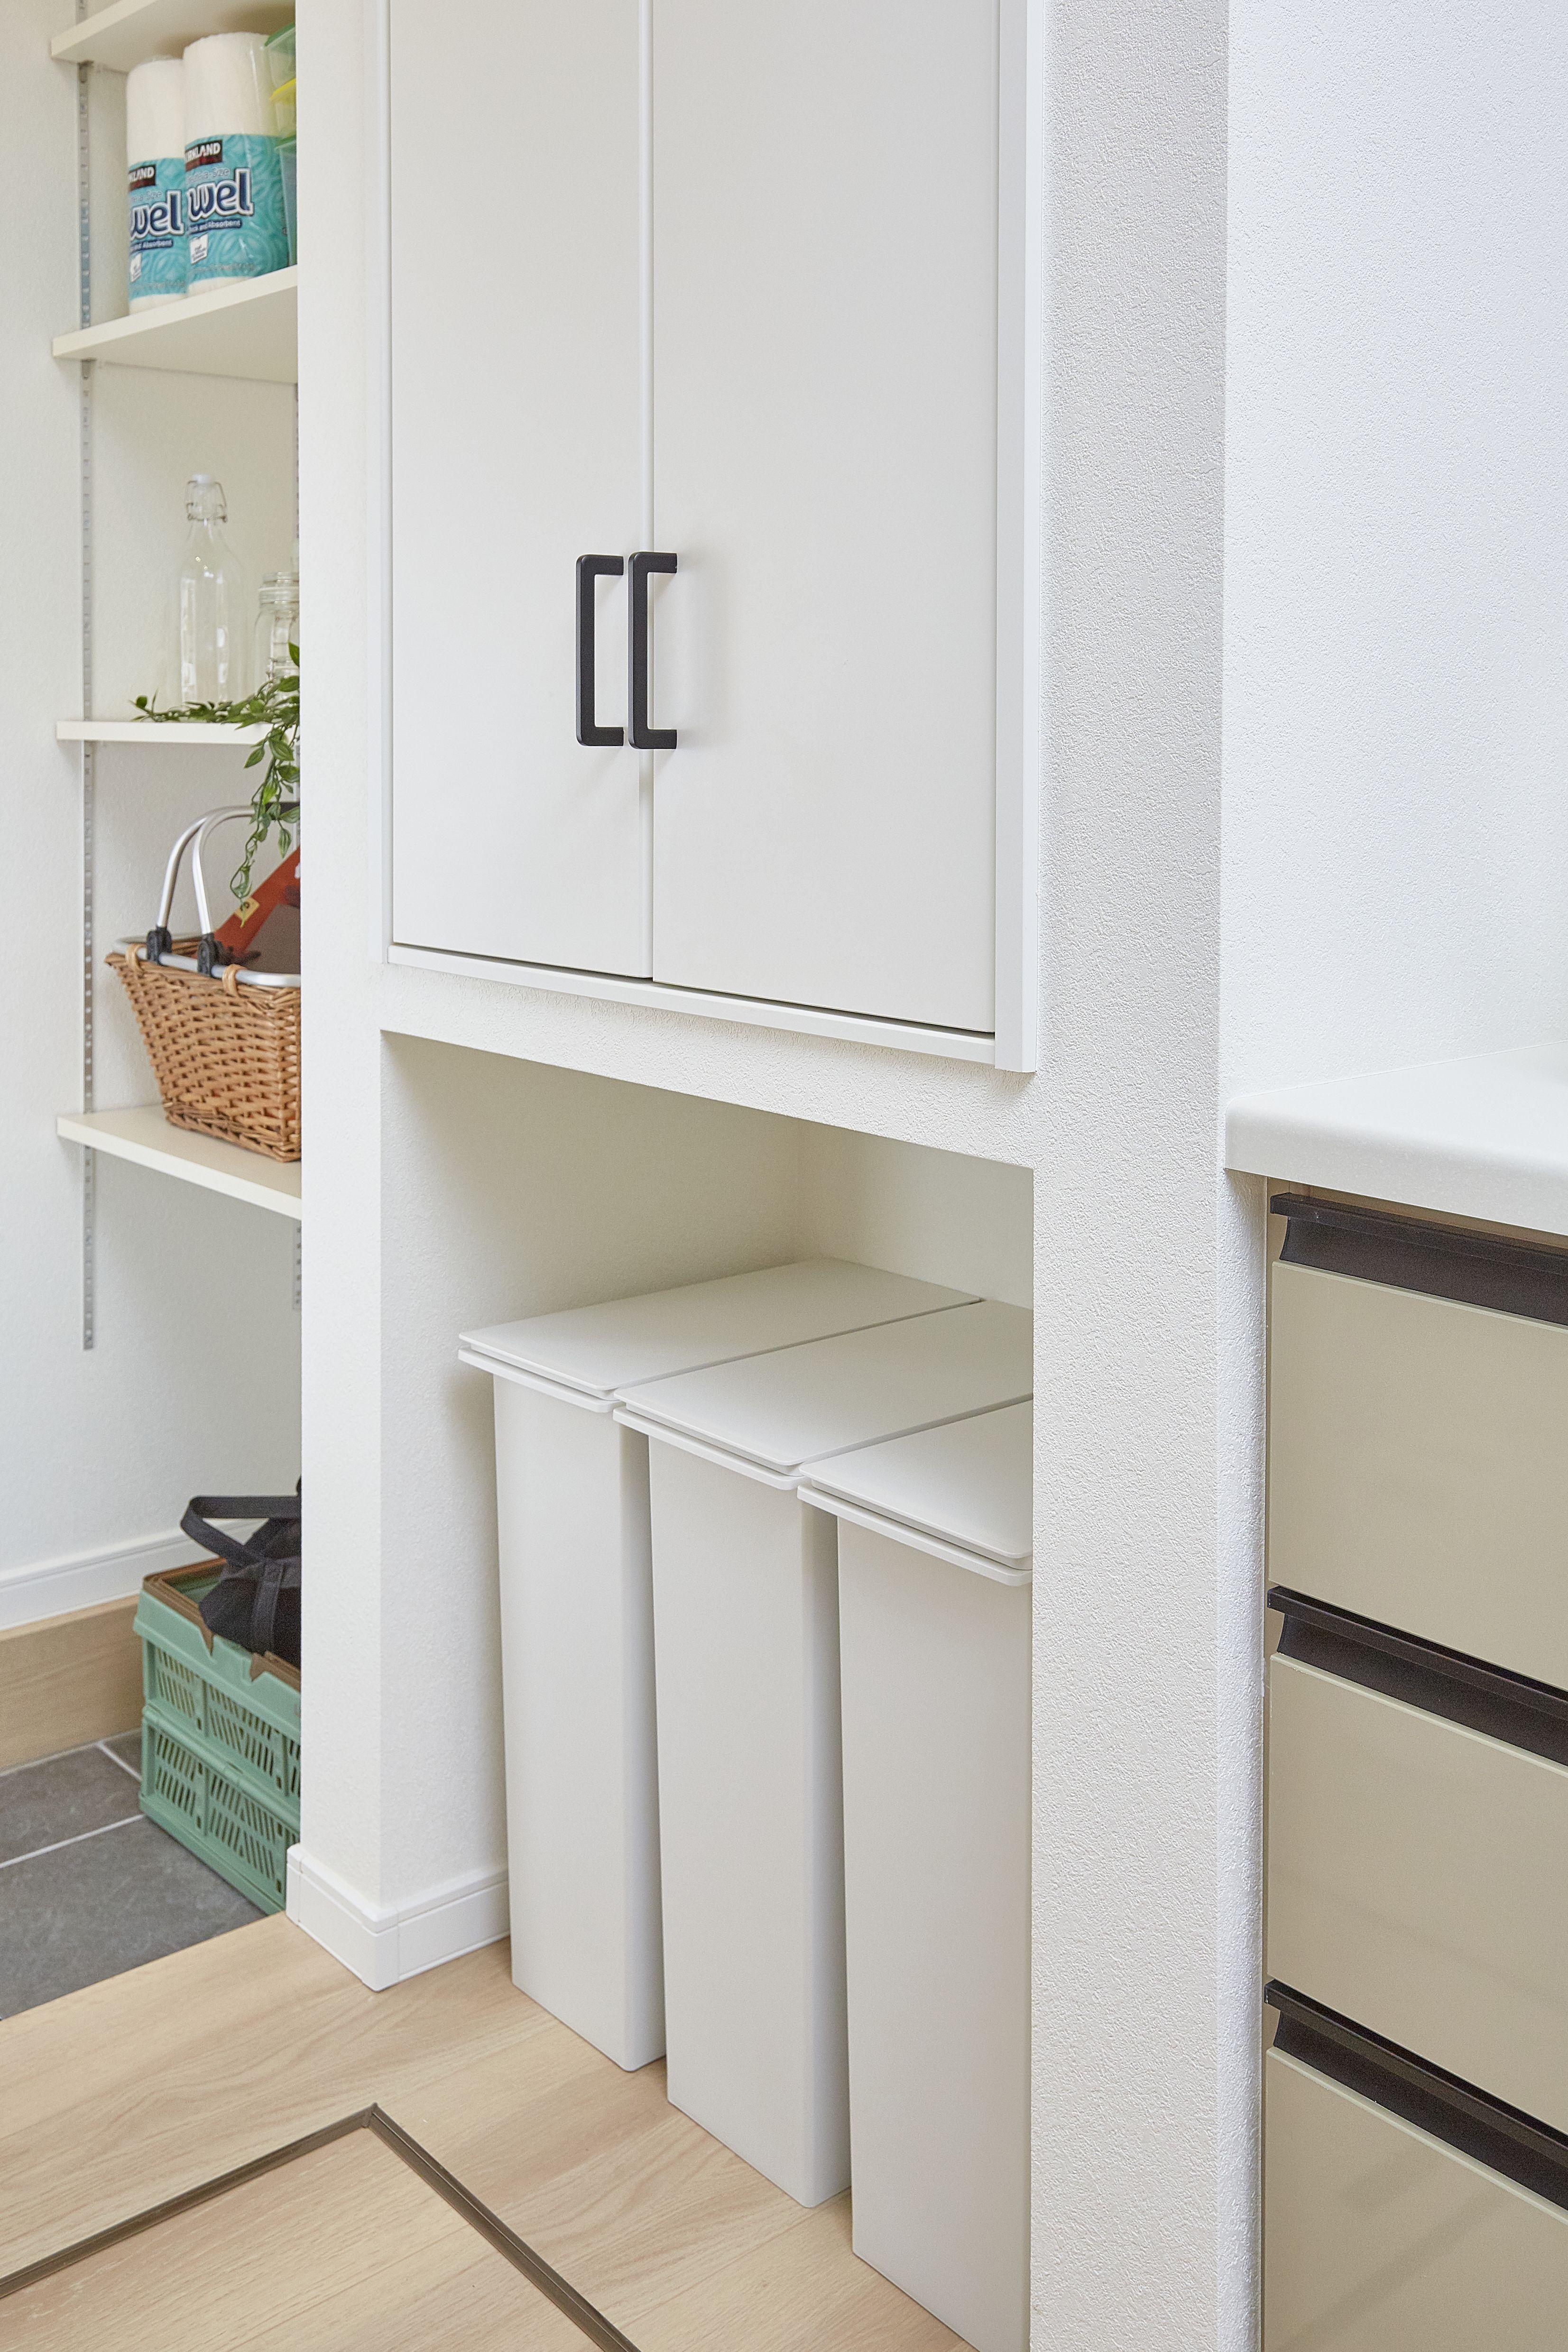 パントリー より使いやすい工夫 キッチンパントリーのデザイン 家 インテリア 収納